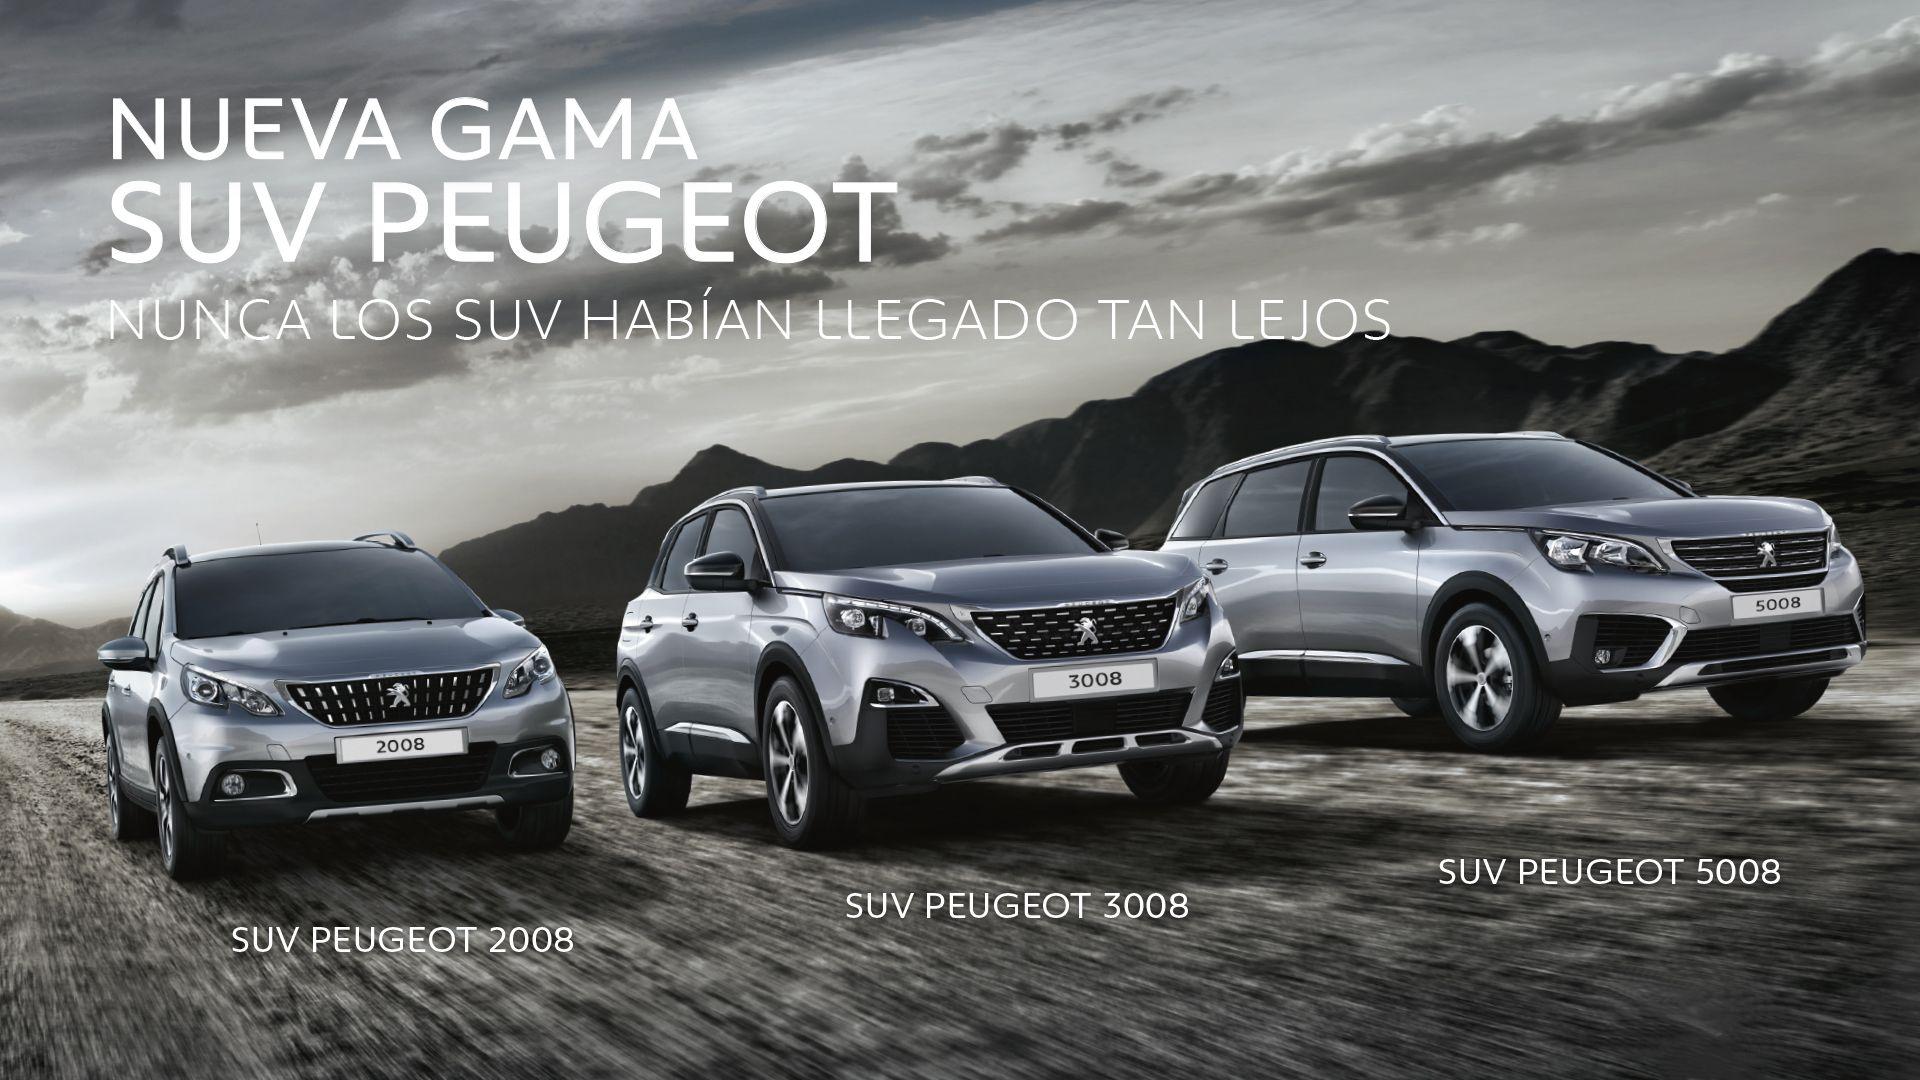 Los SUV Peugeot, la marca favorita de los españoles